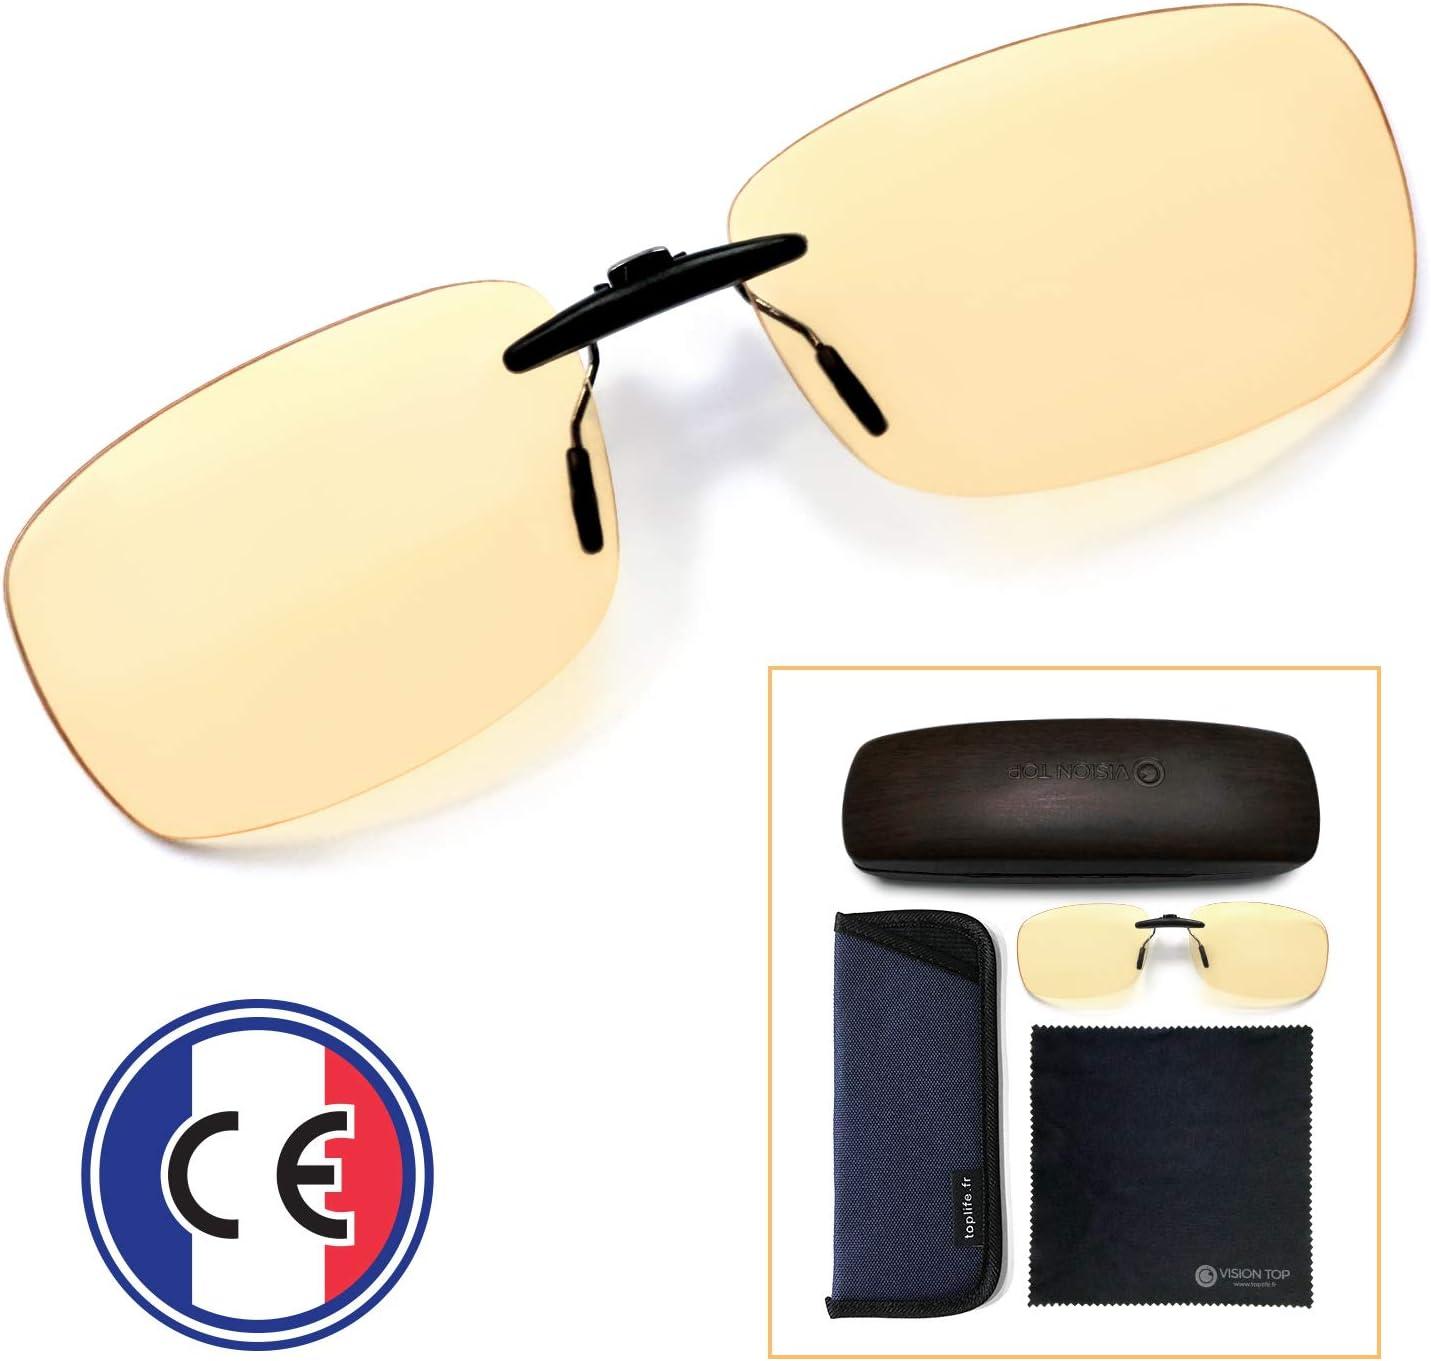 Clip Filtran La Luz Azul - Lentes Gaming Alta Protección Que Se Adaptan a Cualquier Montura - Gafas de Clip para Bloquear la luz Azul – Protección Filtran Pantallas Ordenador